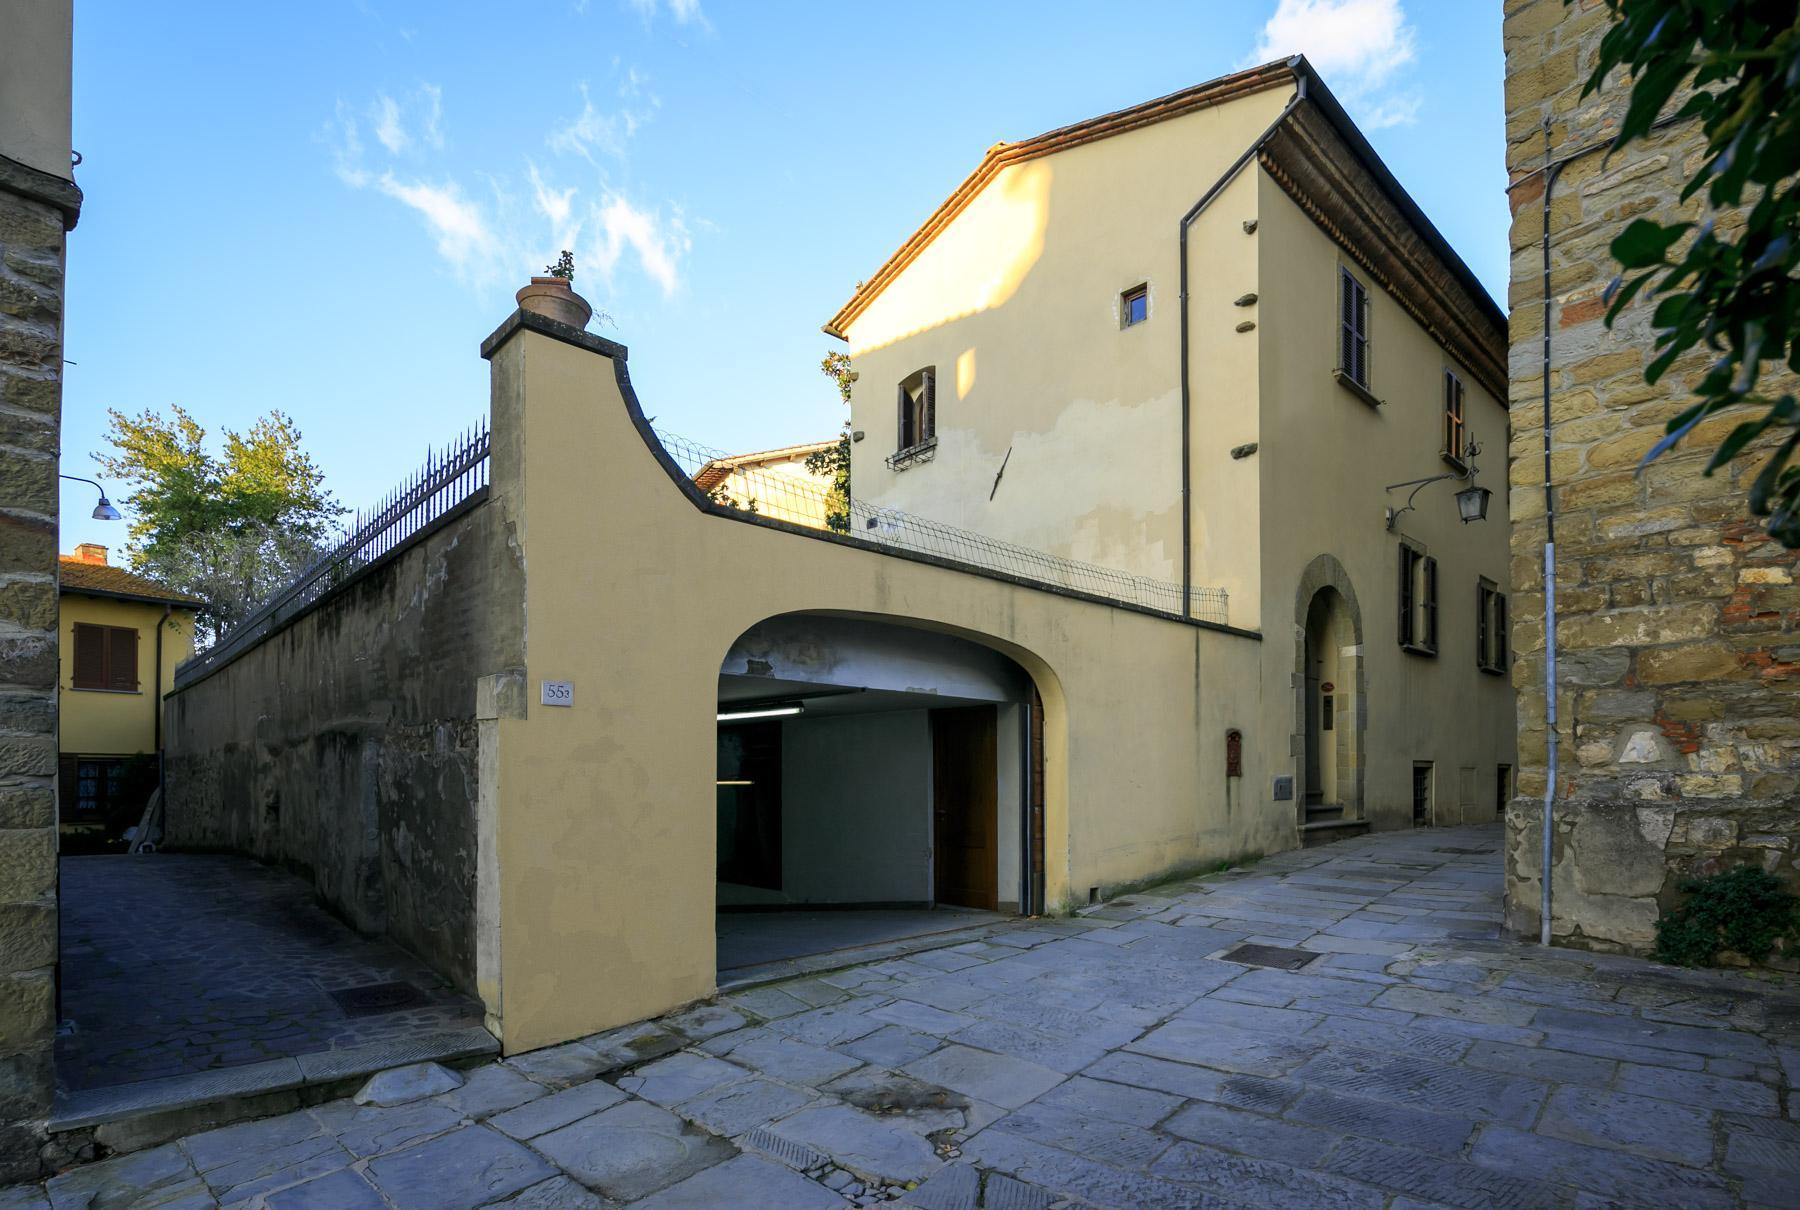 Palazzo Rinascimentale in Vendita a pochi passi da Piazza Grande, Arezzo - 25